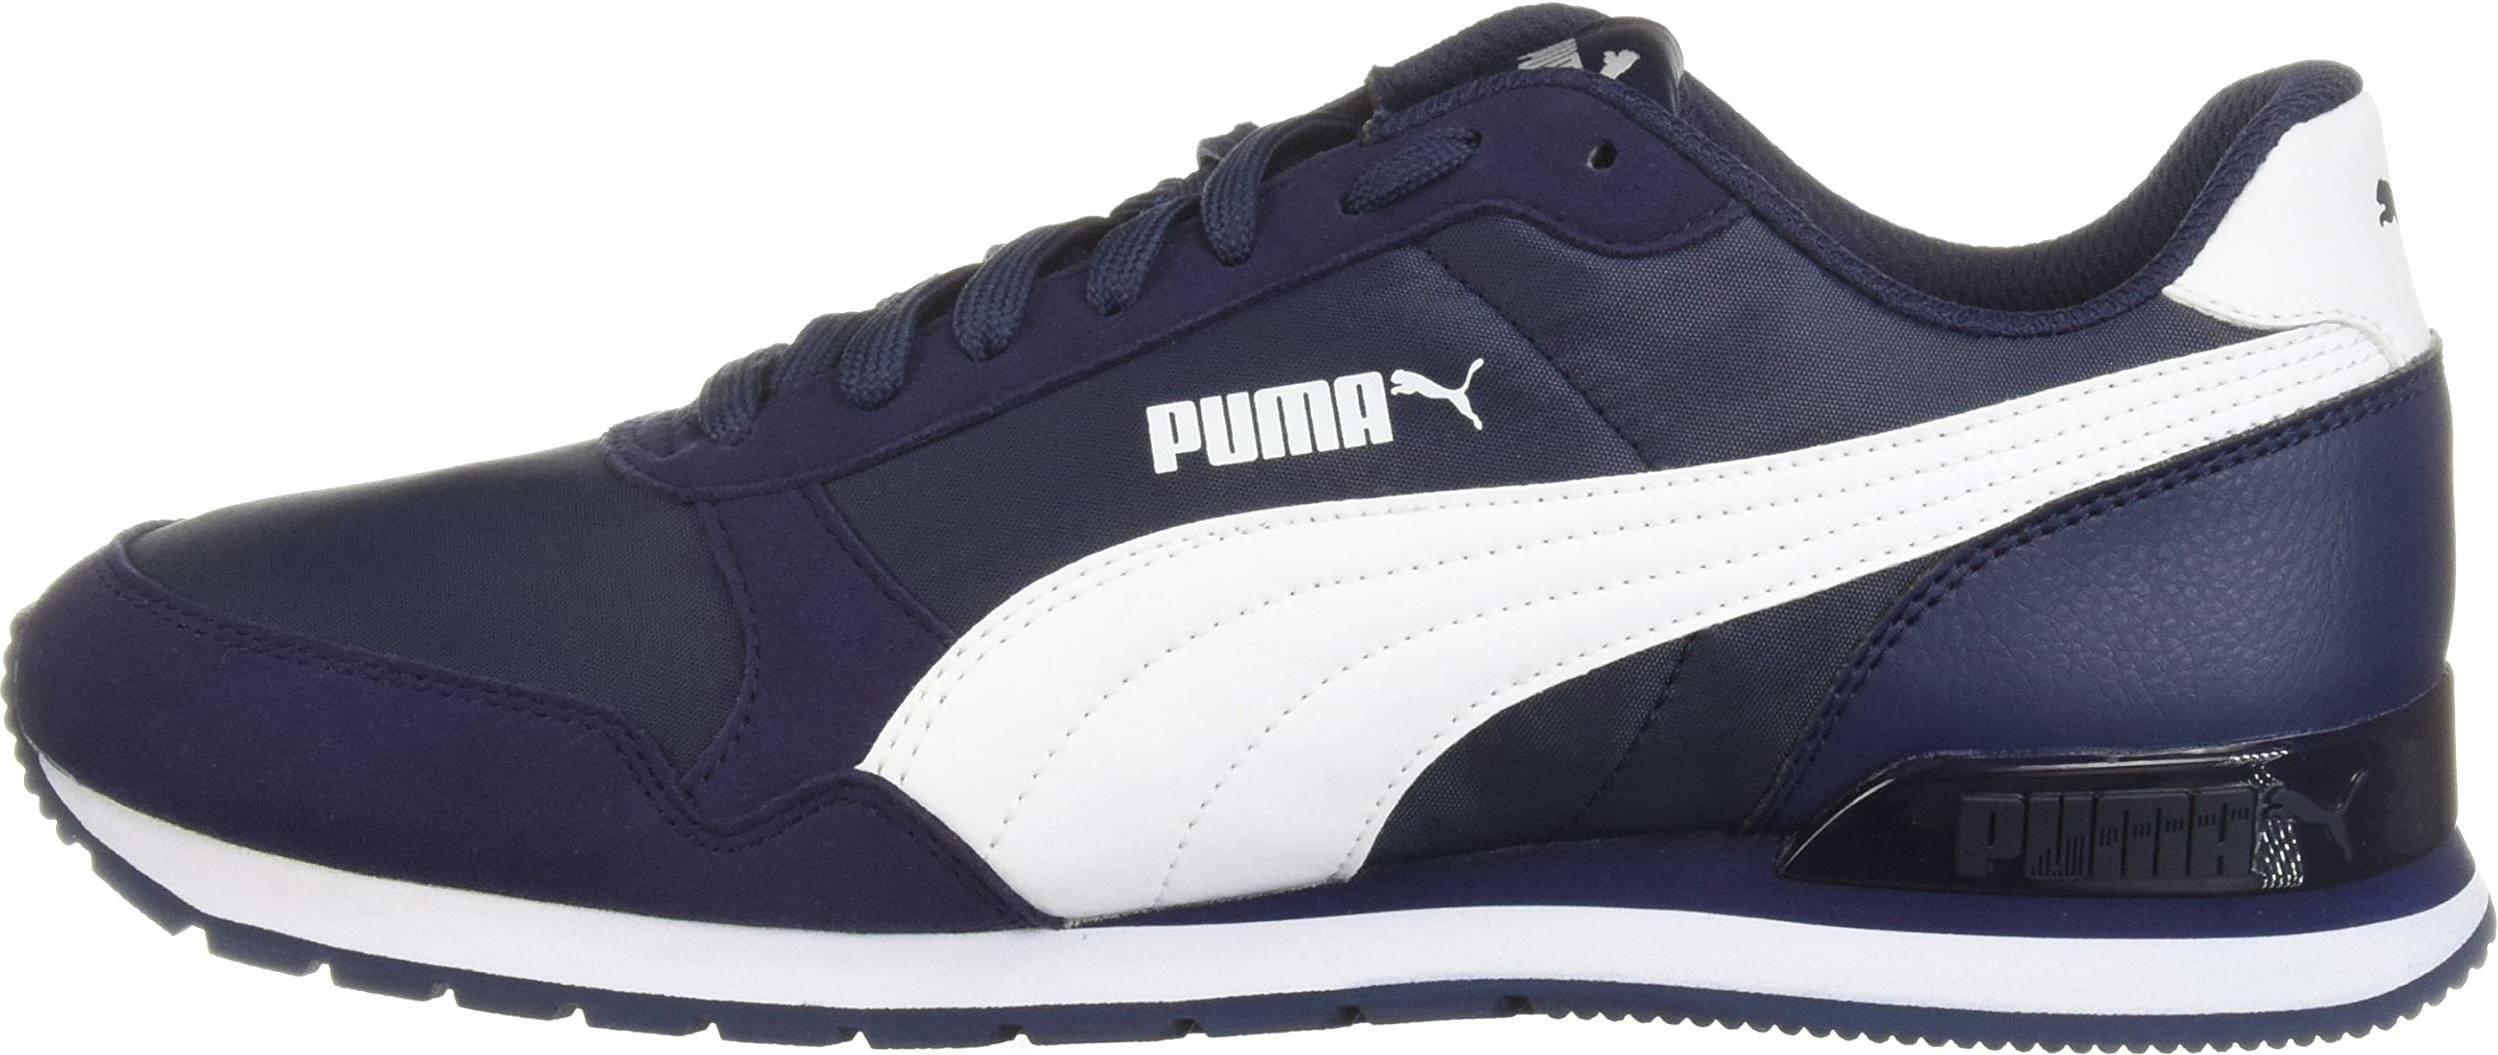 puma retro runner